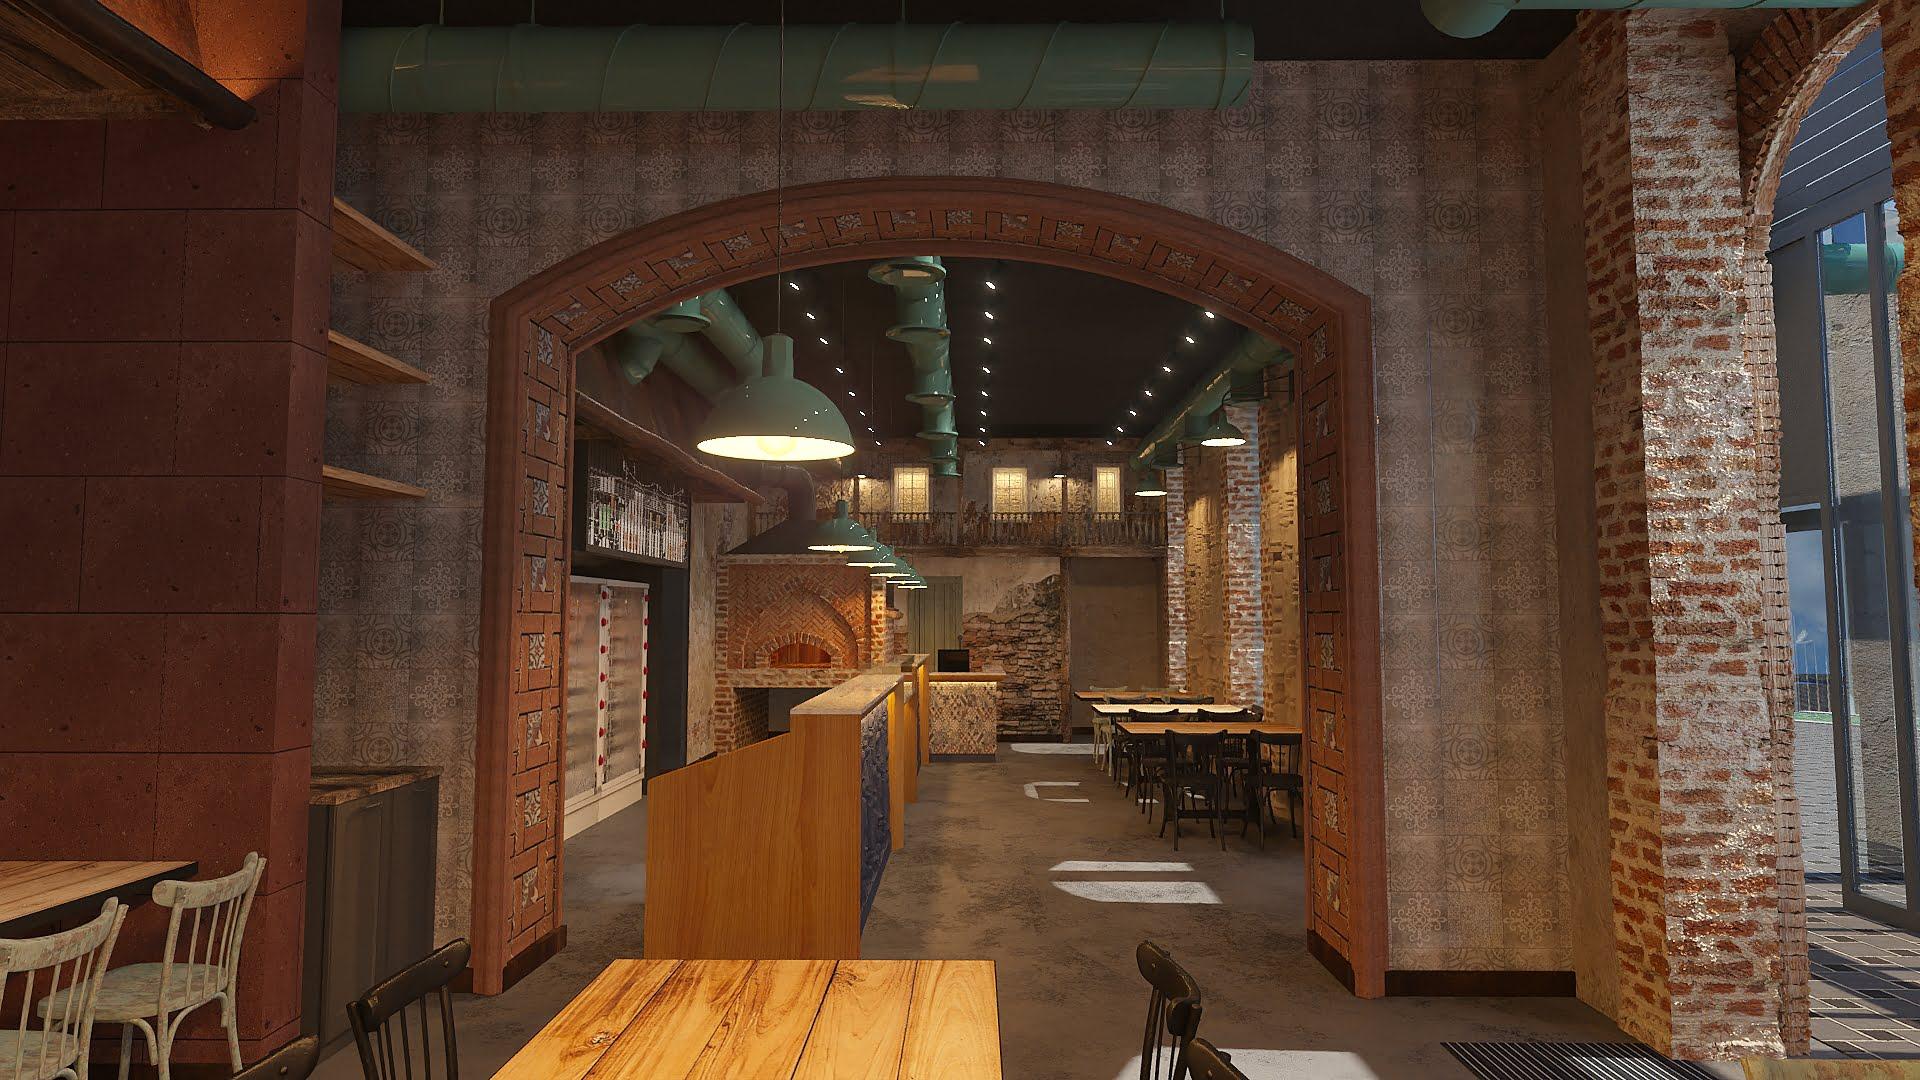 izobrazheniye 3d otdelki inter'yera obshchego gostevogo zala v restorane KTUR, Yerevan